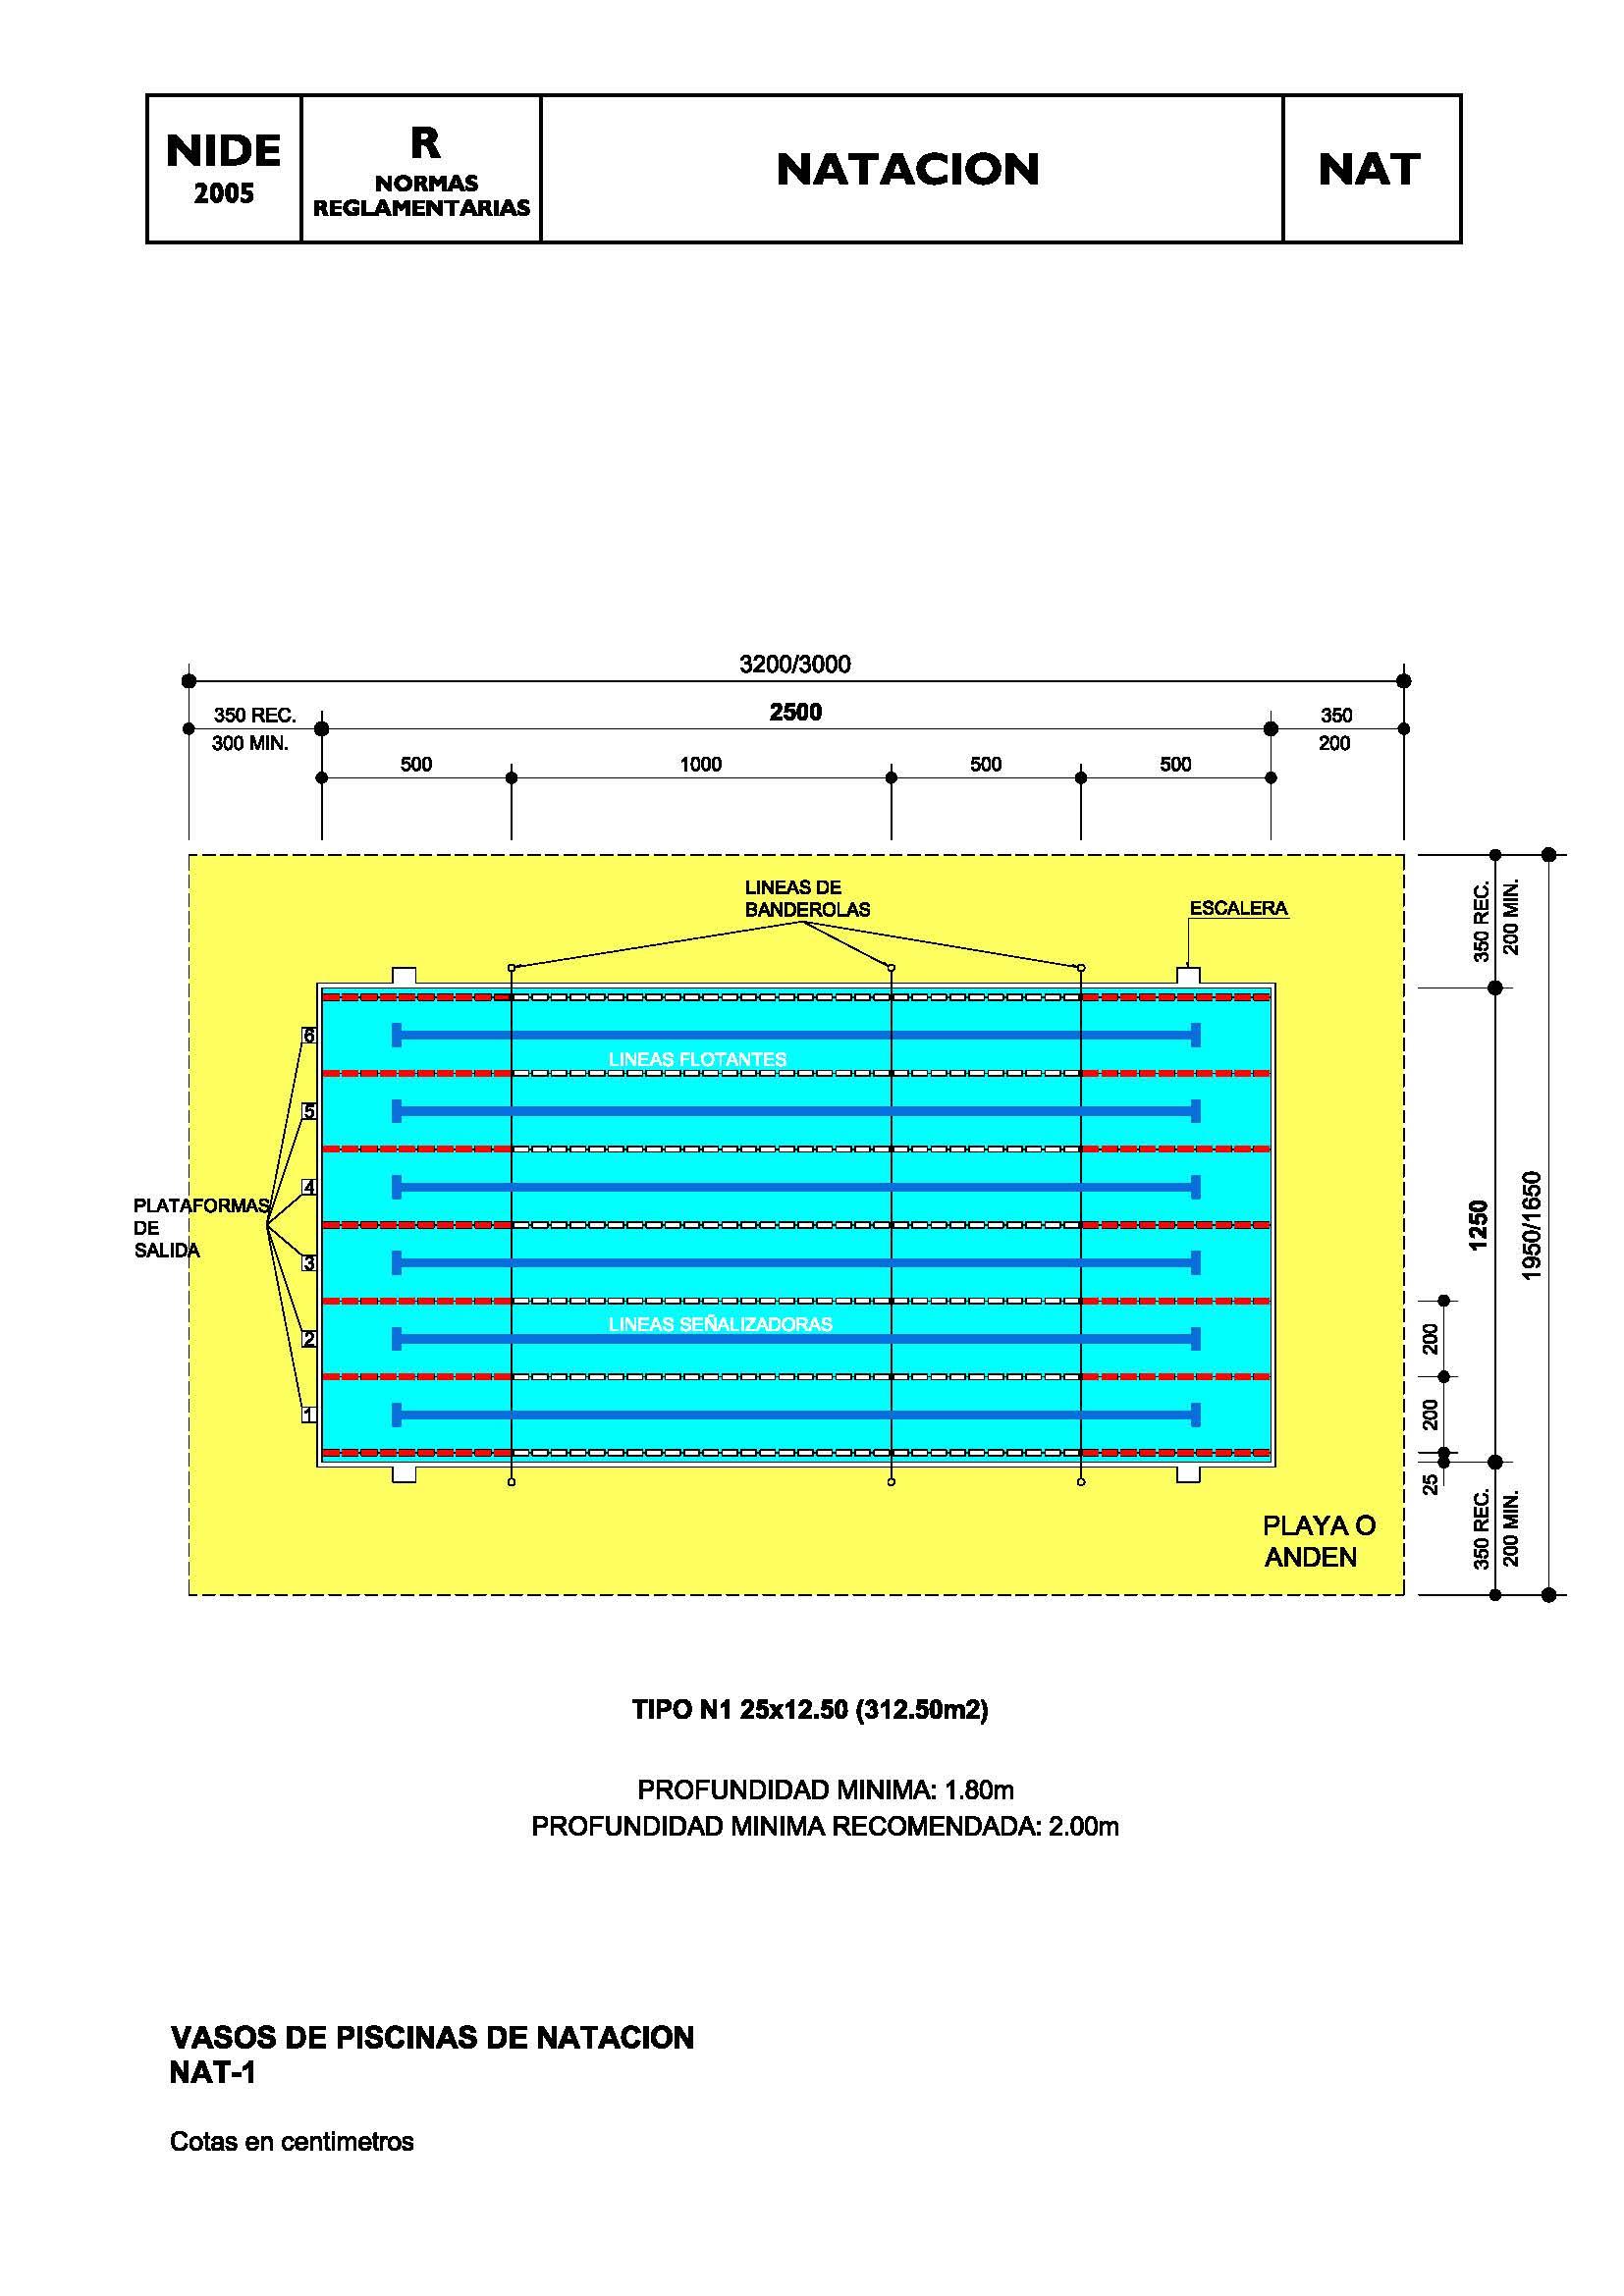 Empresa construcci n pistas deportivas alicante for Planos de piletas de natacion